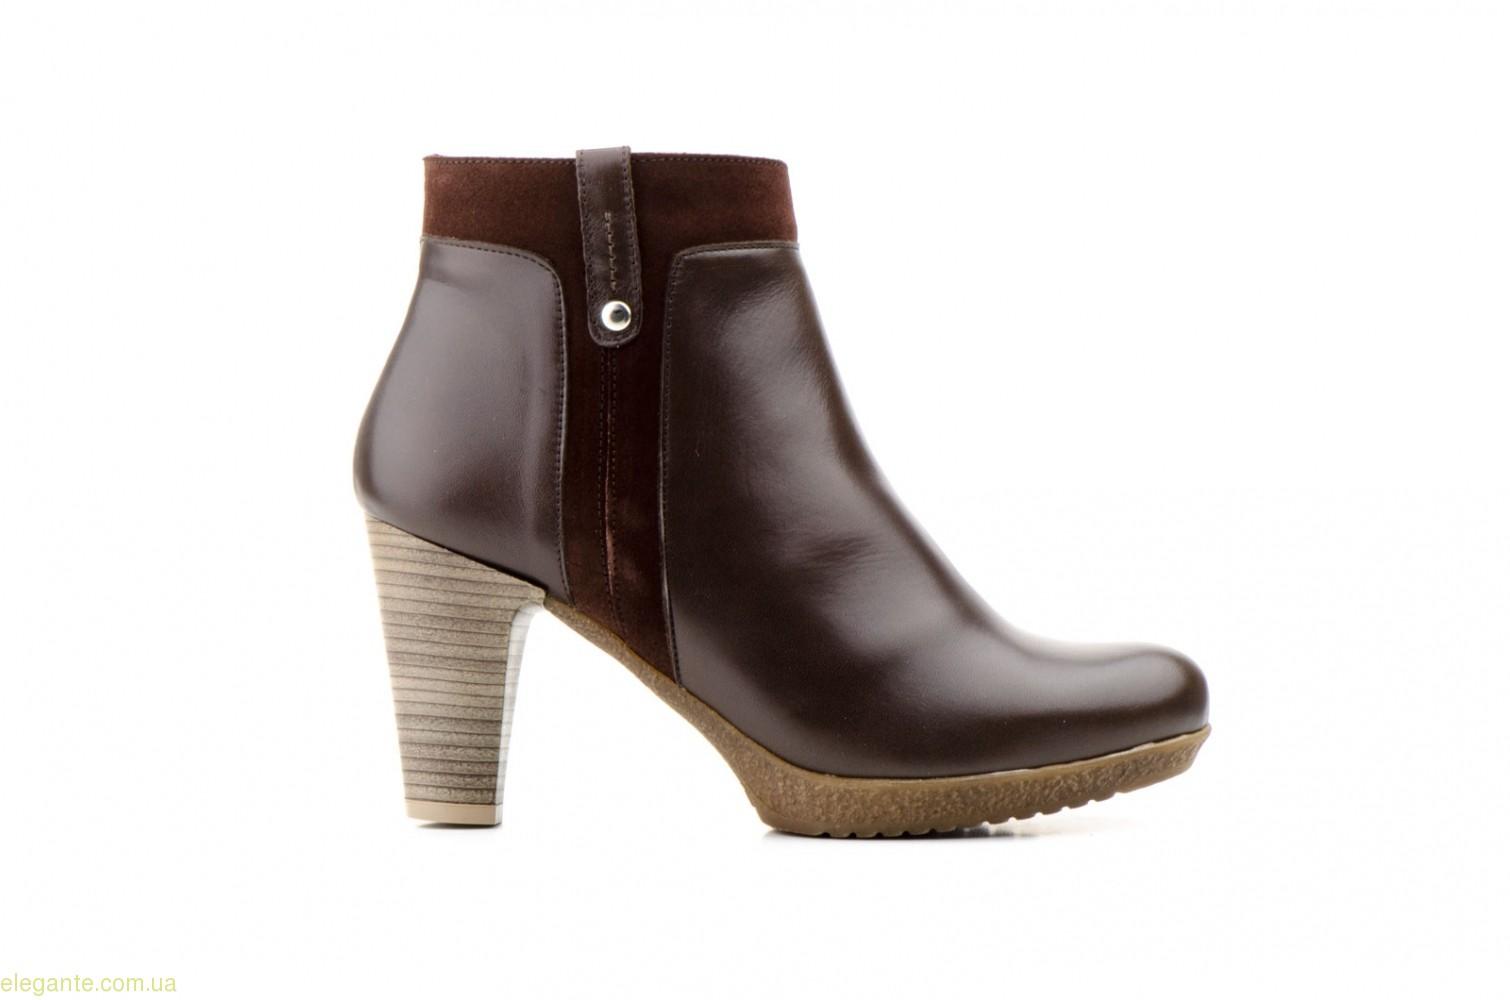 Женские ботинки AGATHA SHOES коричневые 0